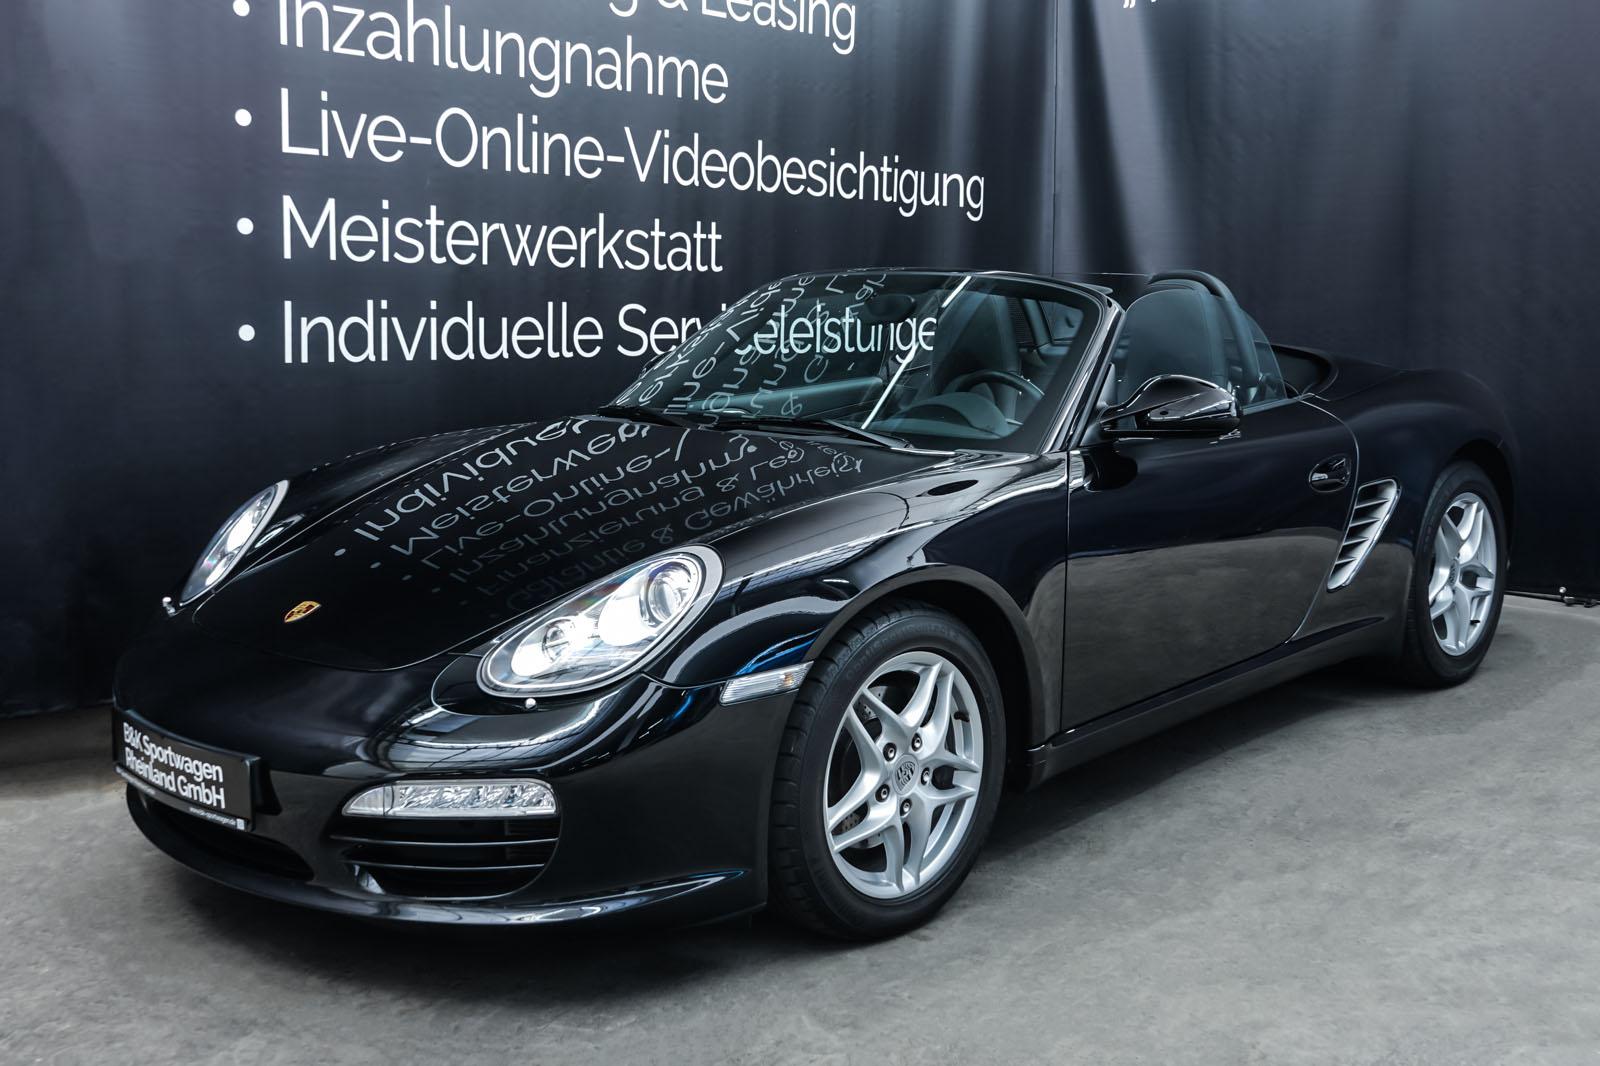 Porsche_Boxster_Schwarz_Schwarz_POR-0927_7_w